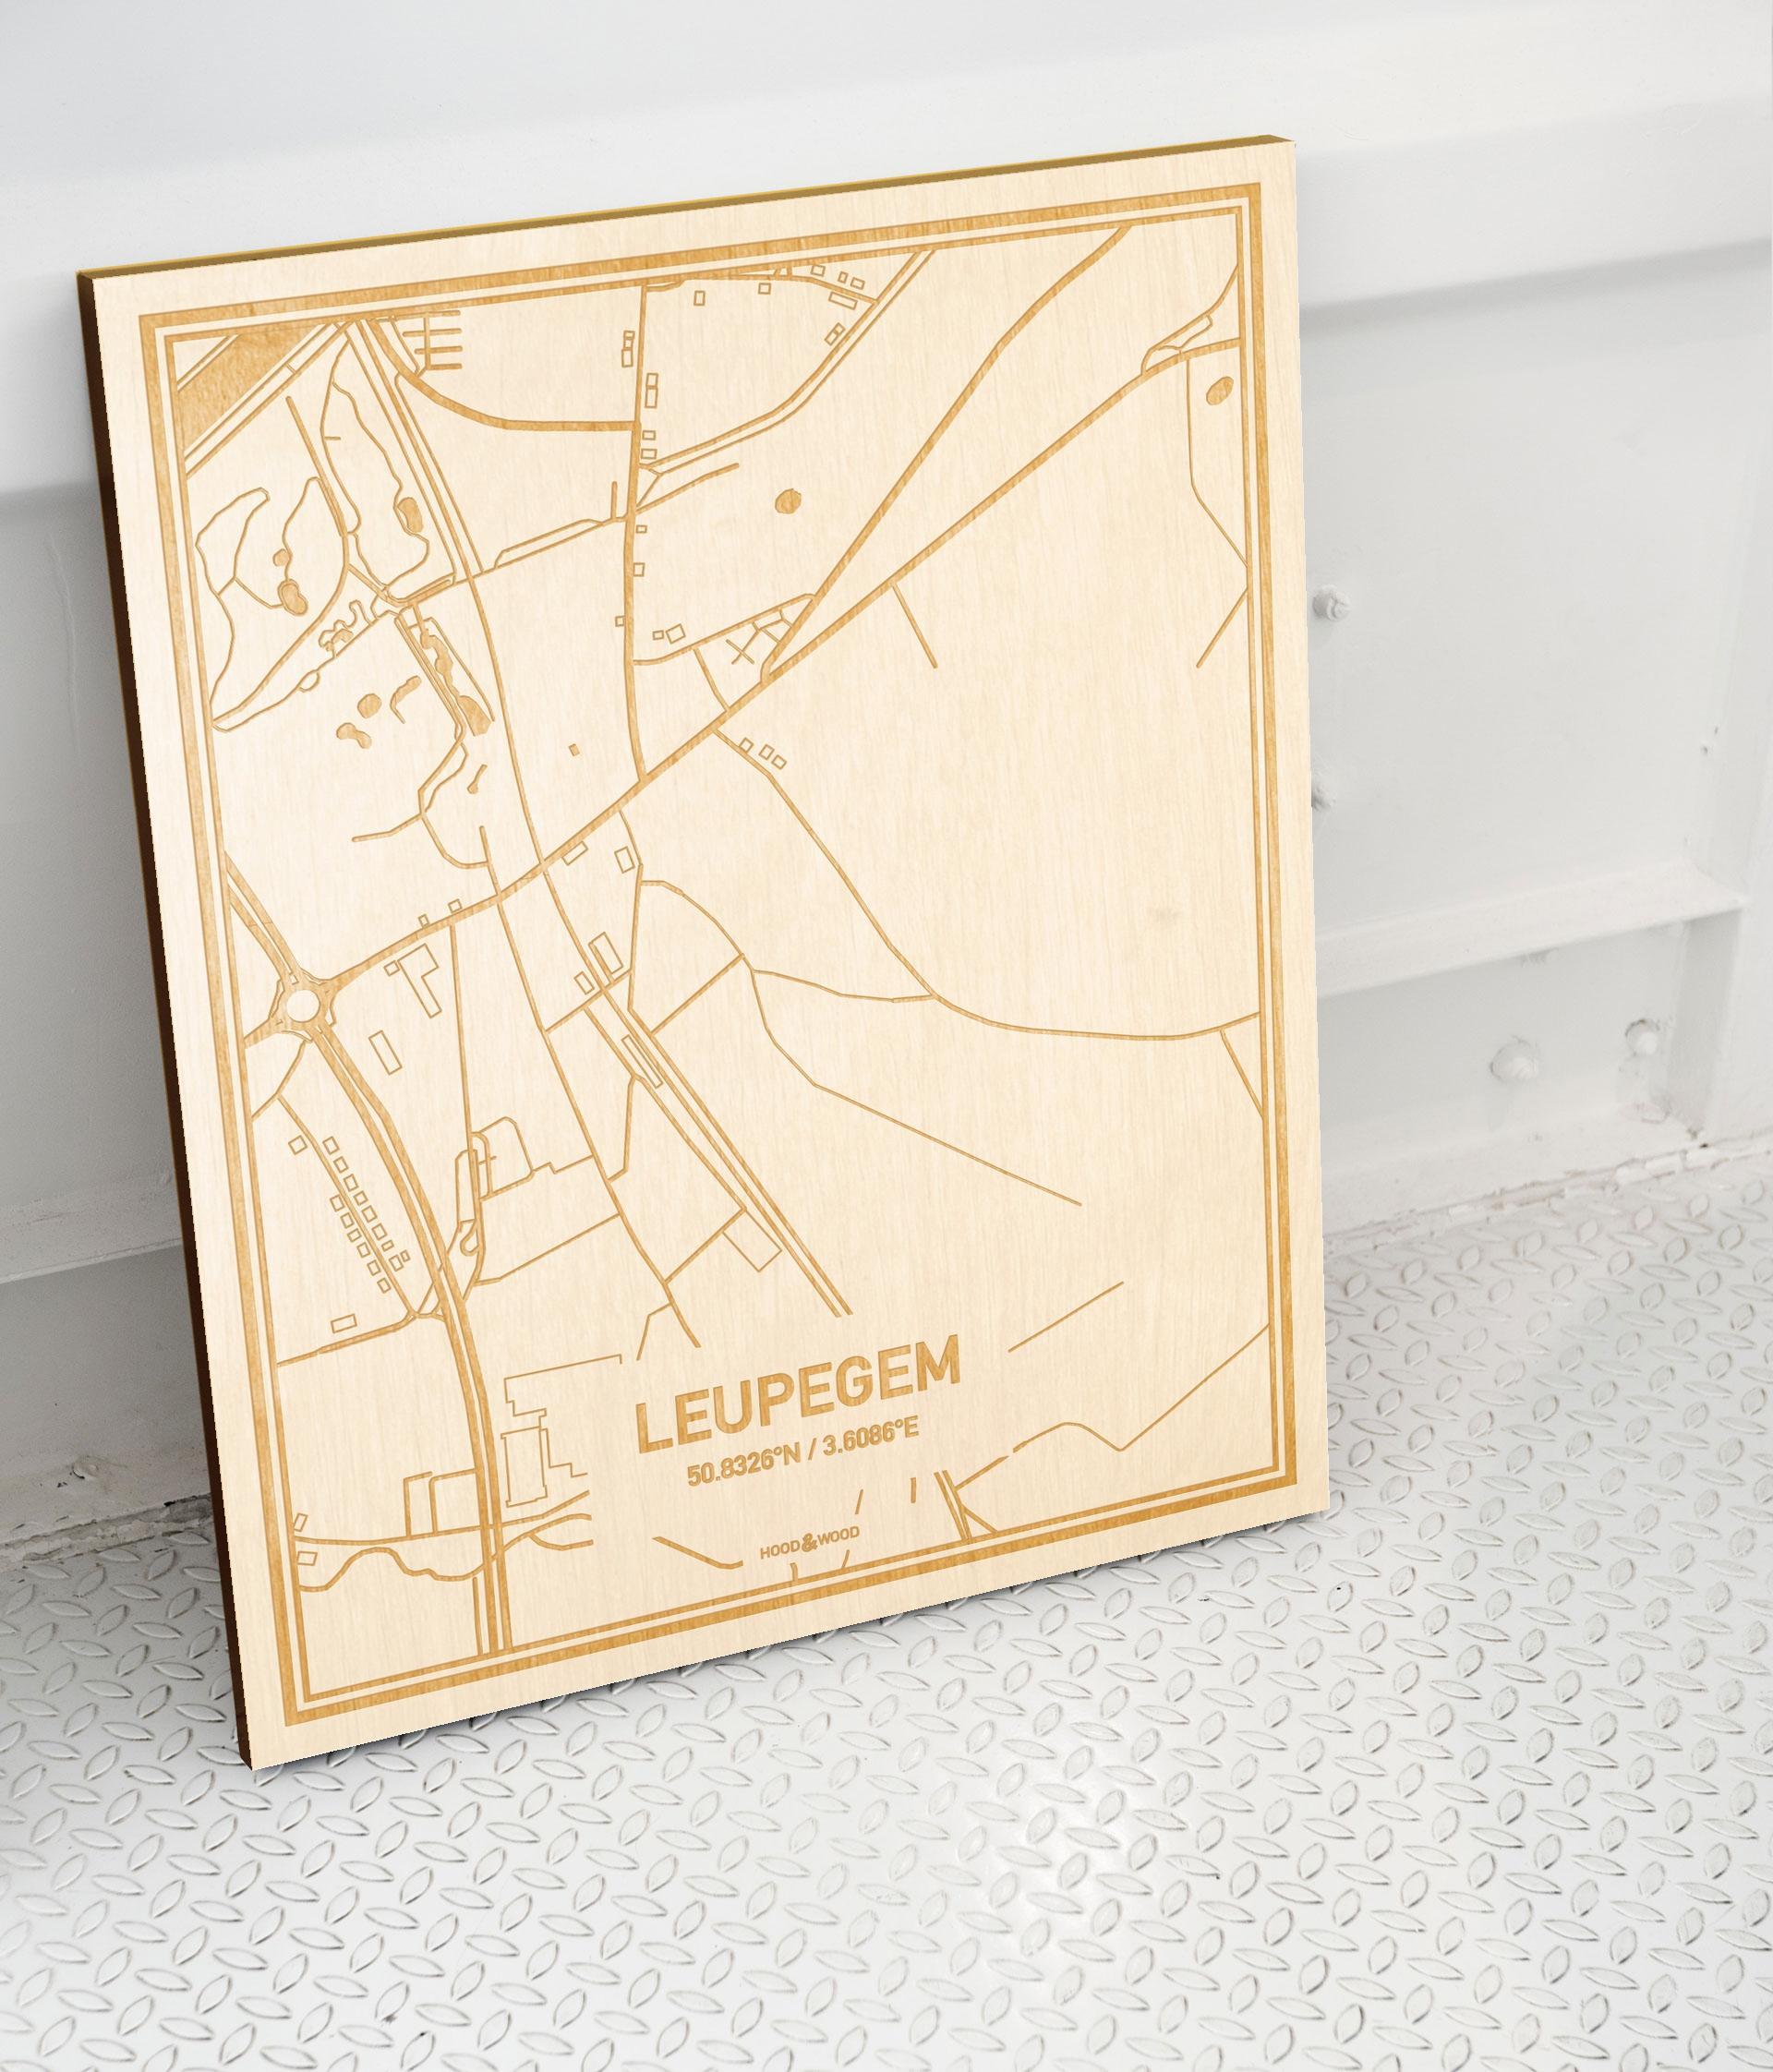 Plattegrond Leupegem als prachtige houten wanddecoratie. Het warme hout contrasteert mooi met de witte muur.